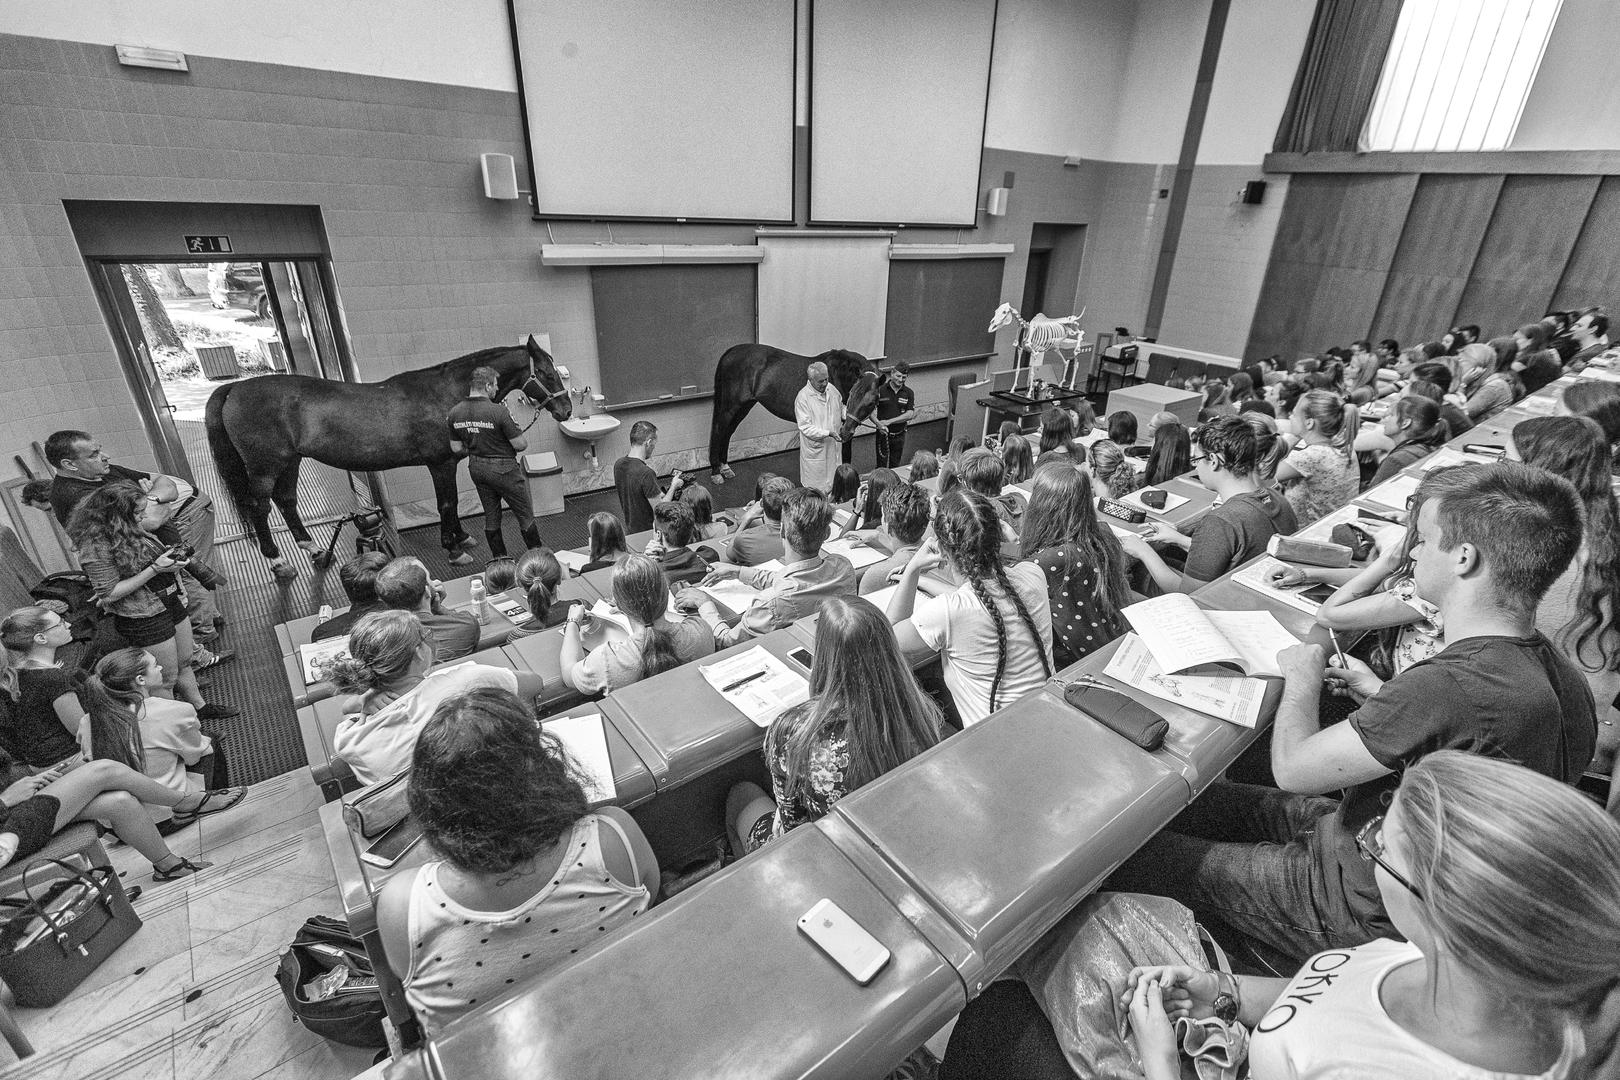 Mindennapi élet (egyedi)<br />3. díj: Marosfalvi Péter (Zsaru Magazin): Egyetemre megy a ló<br /><br />Fotó: Megtelt az előadó.